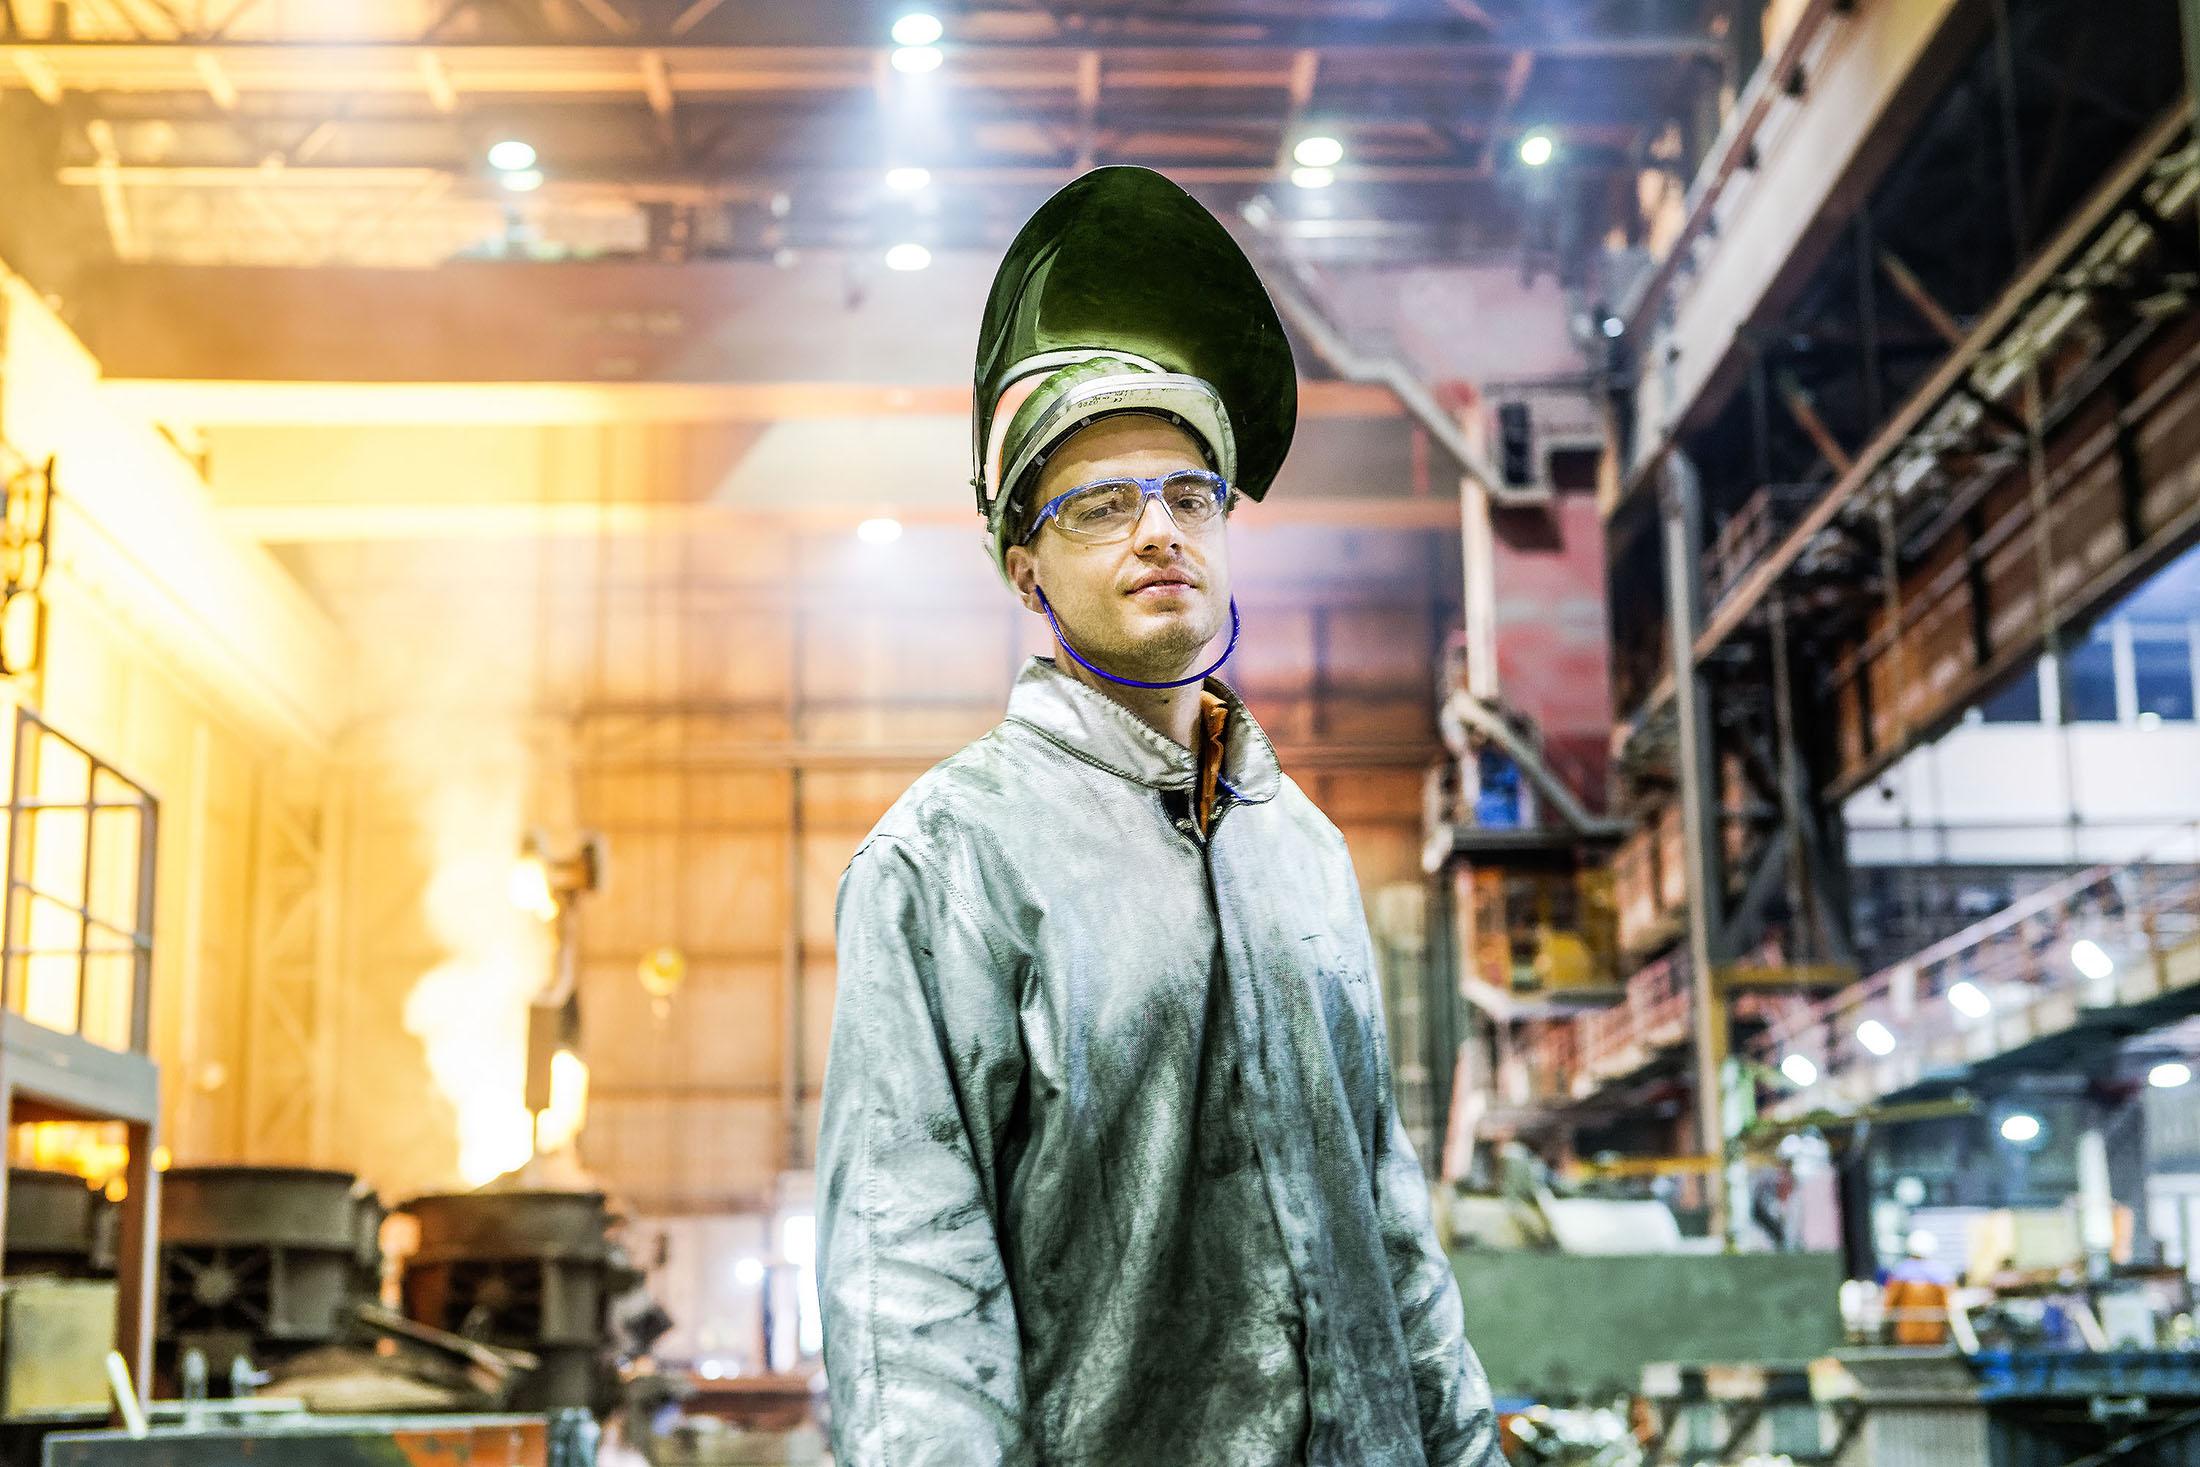 industriefotografie_wolfram Schroll_portrait_01